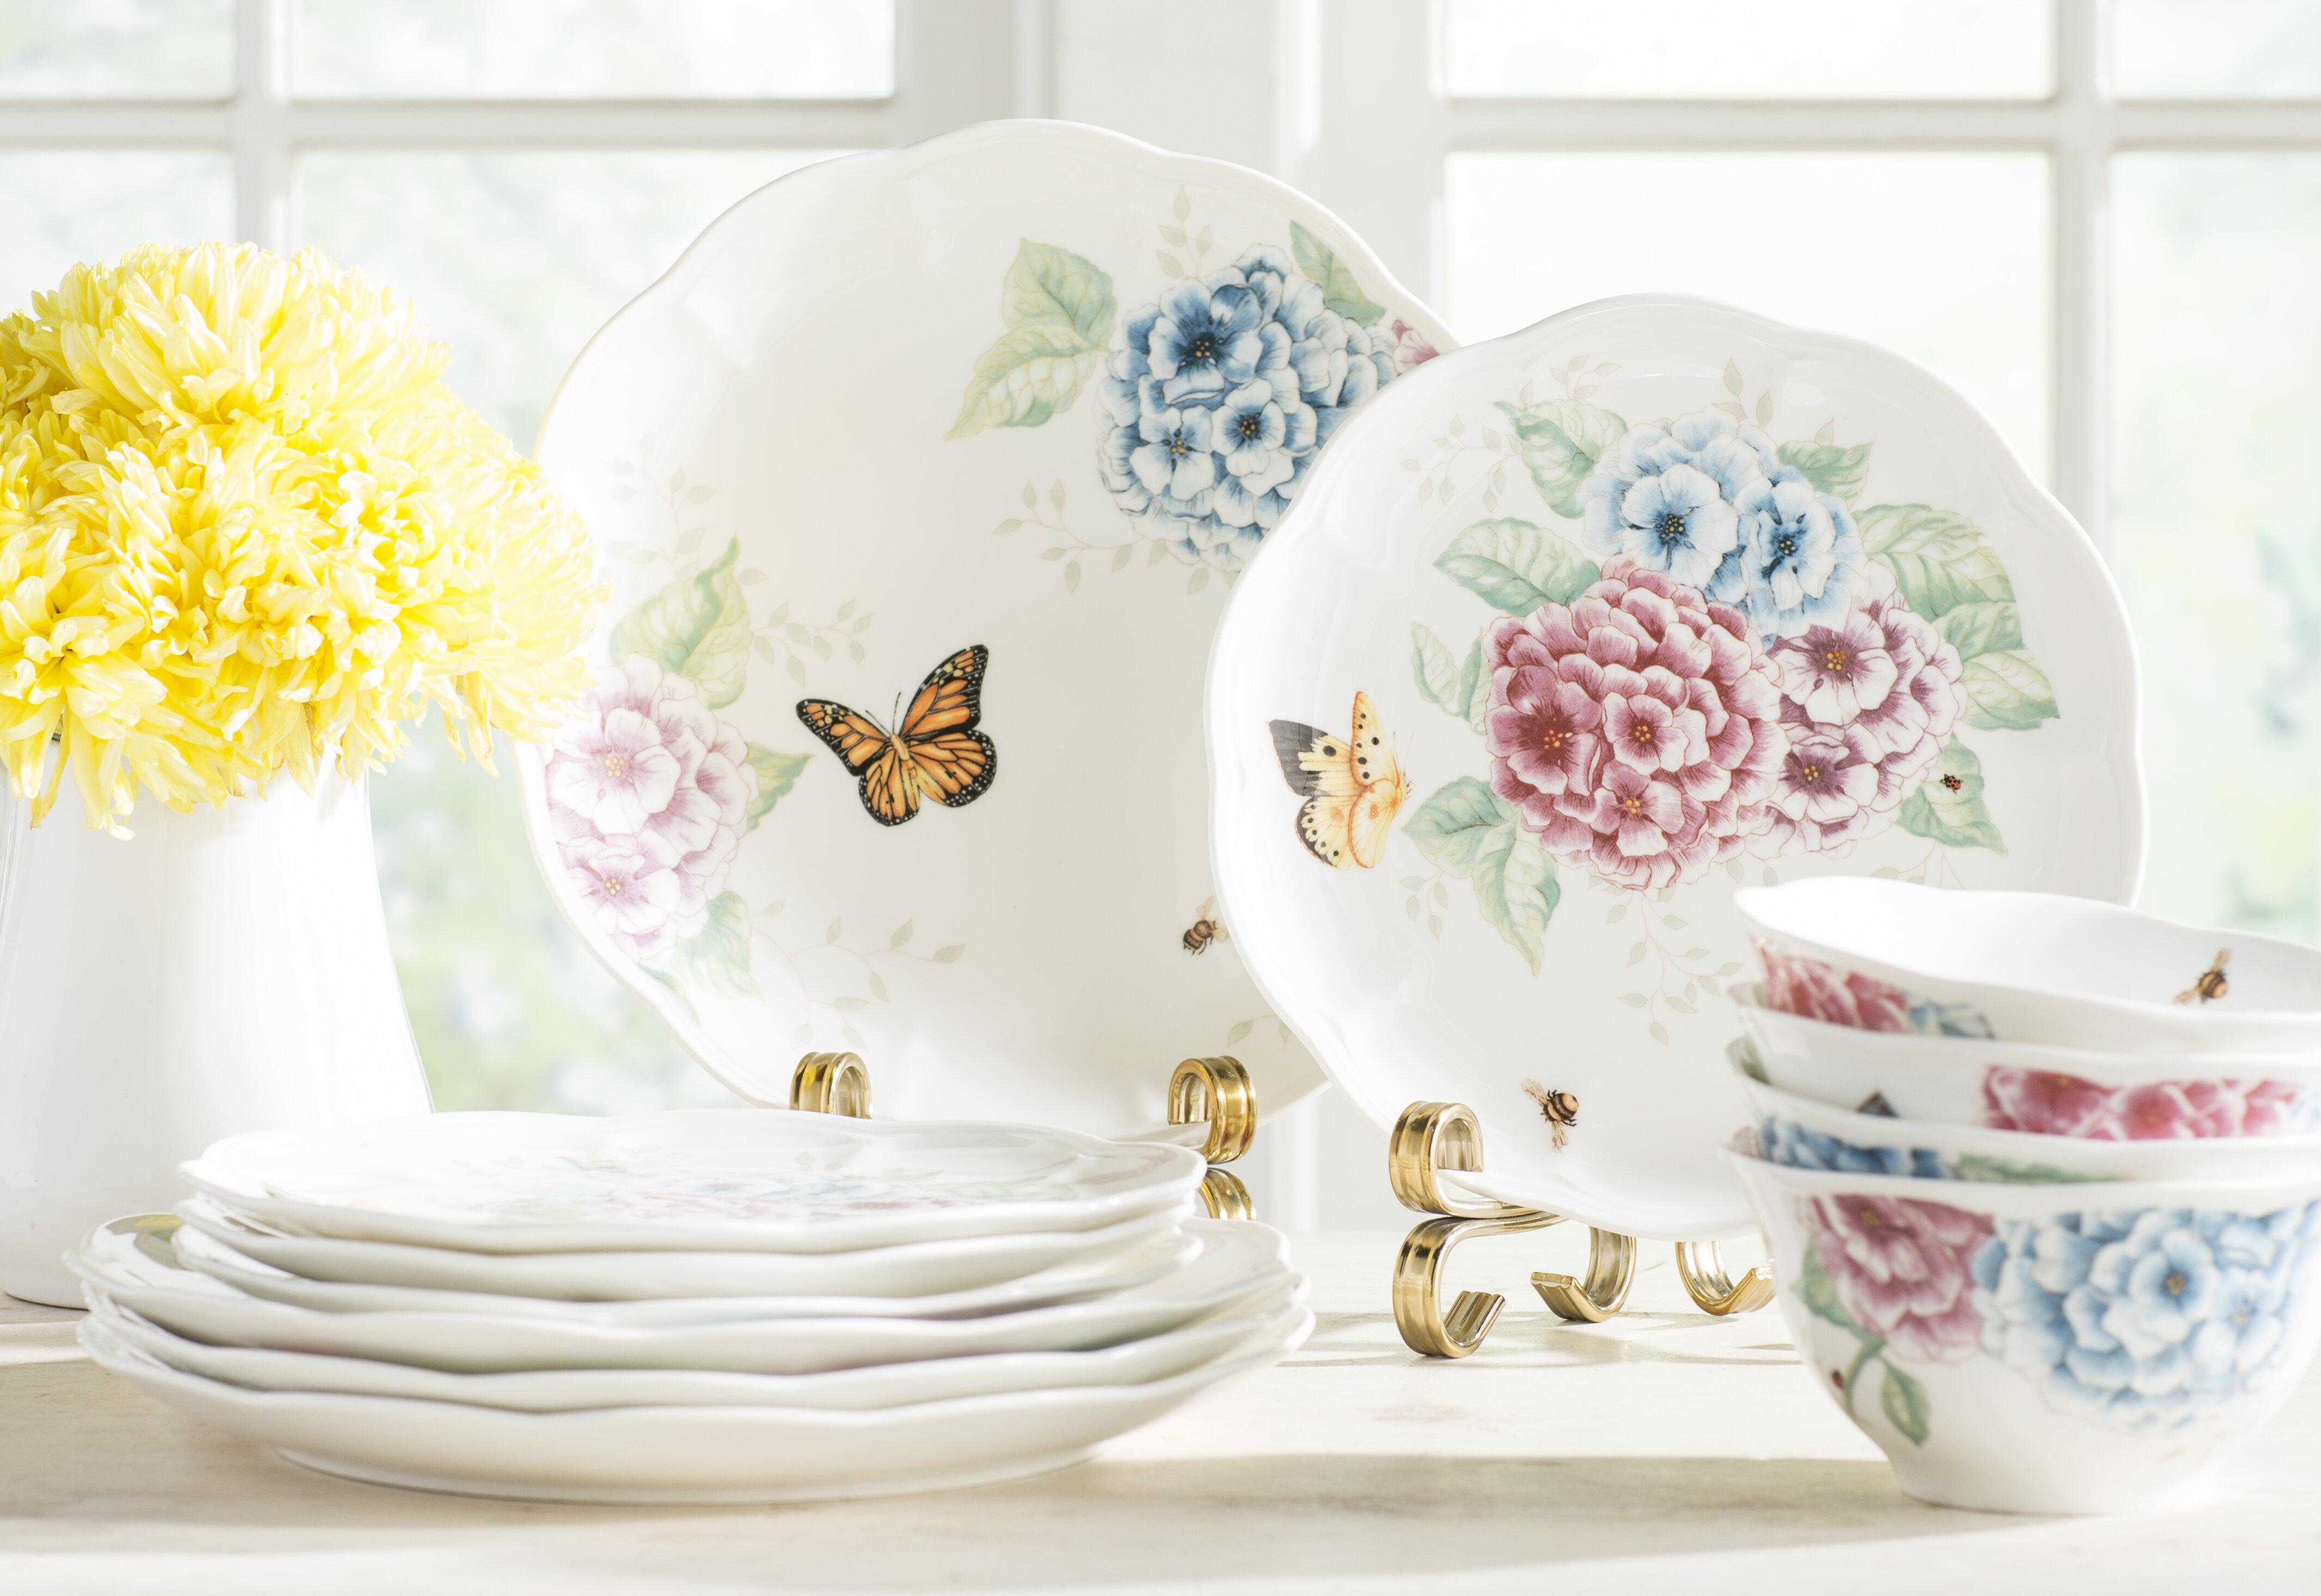 Lenox Butterfly Meadow Hydrangea 12 Piece Dinnerware Set Service for 4 u0026 Reviews | Wayfair & Lenox Butterfly Meadow Hydrangea 12 Piece Dinnerware Set Service ...